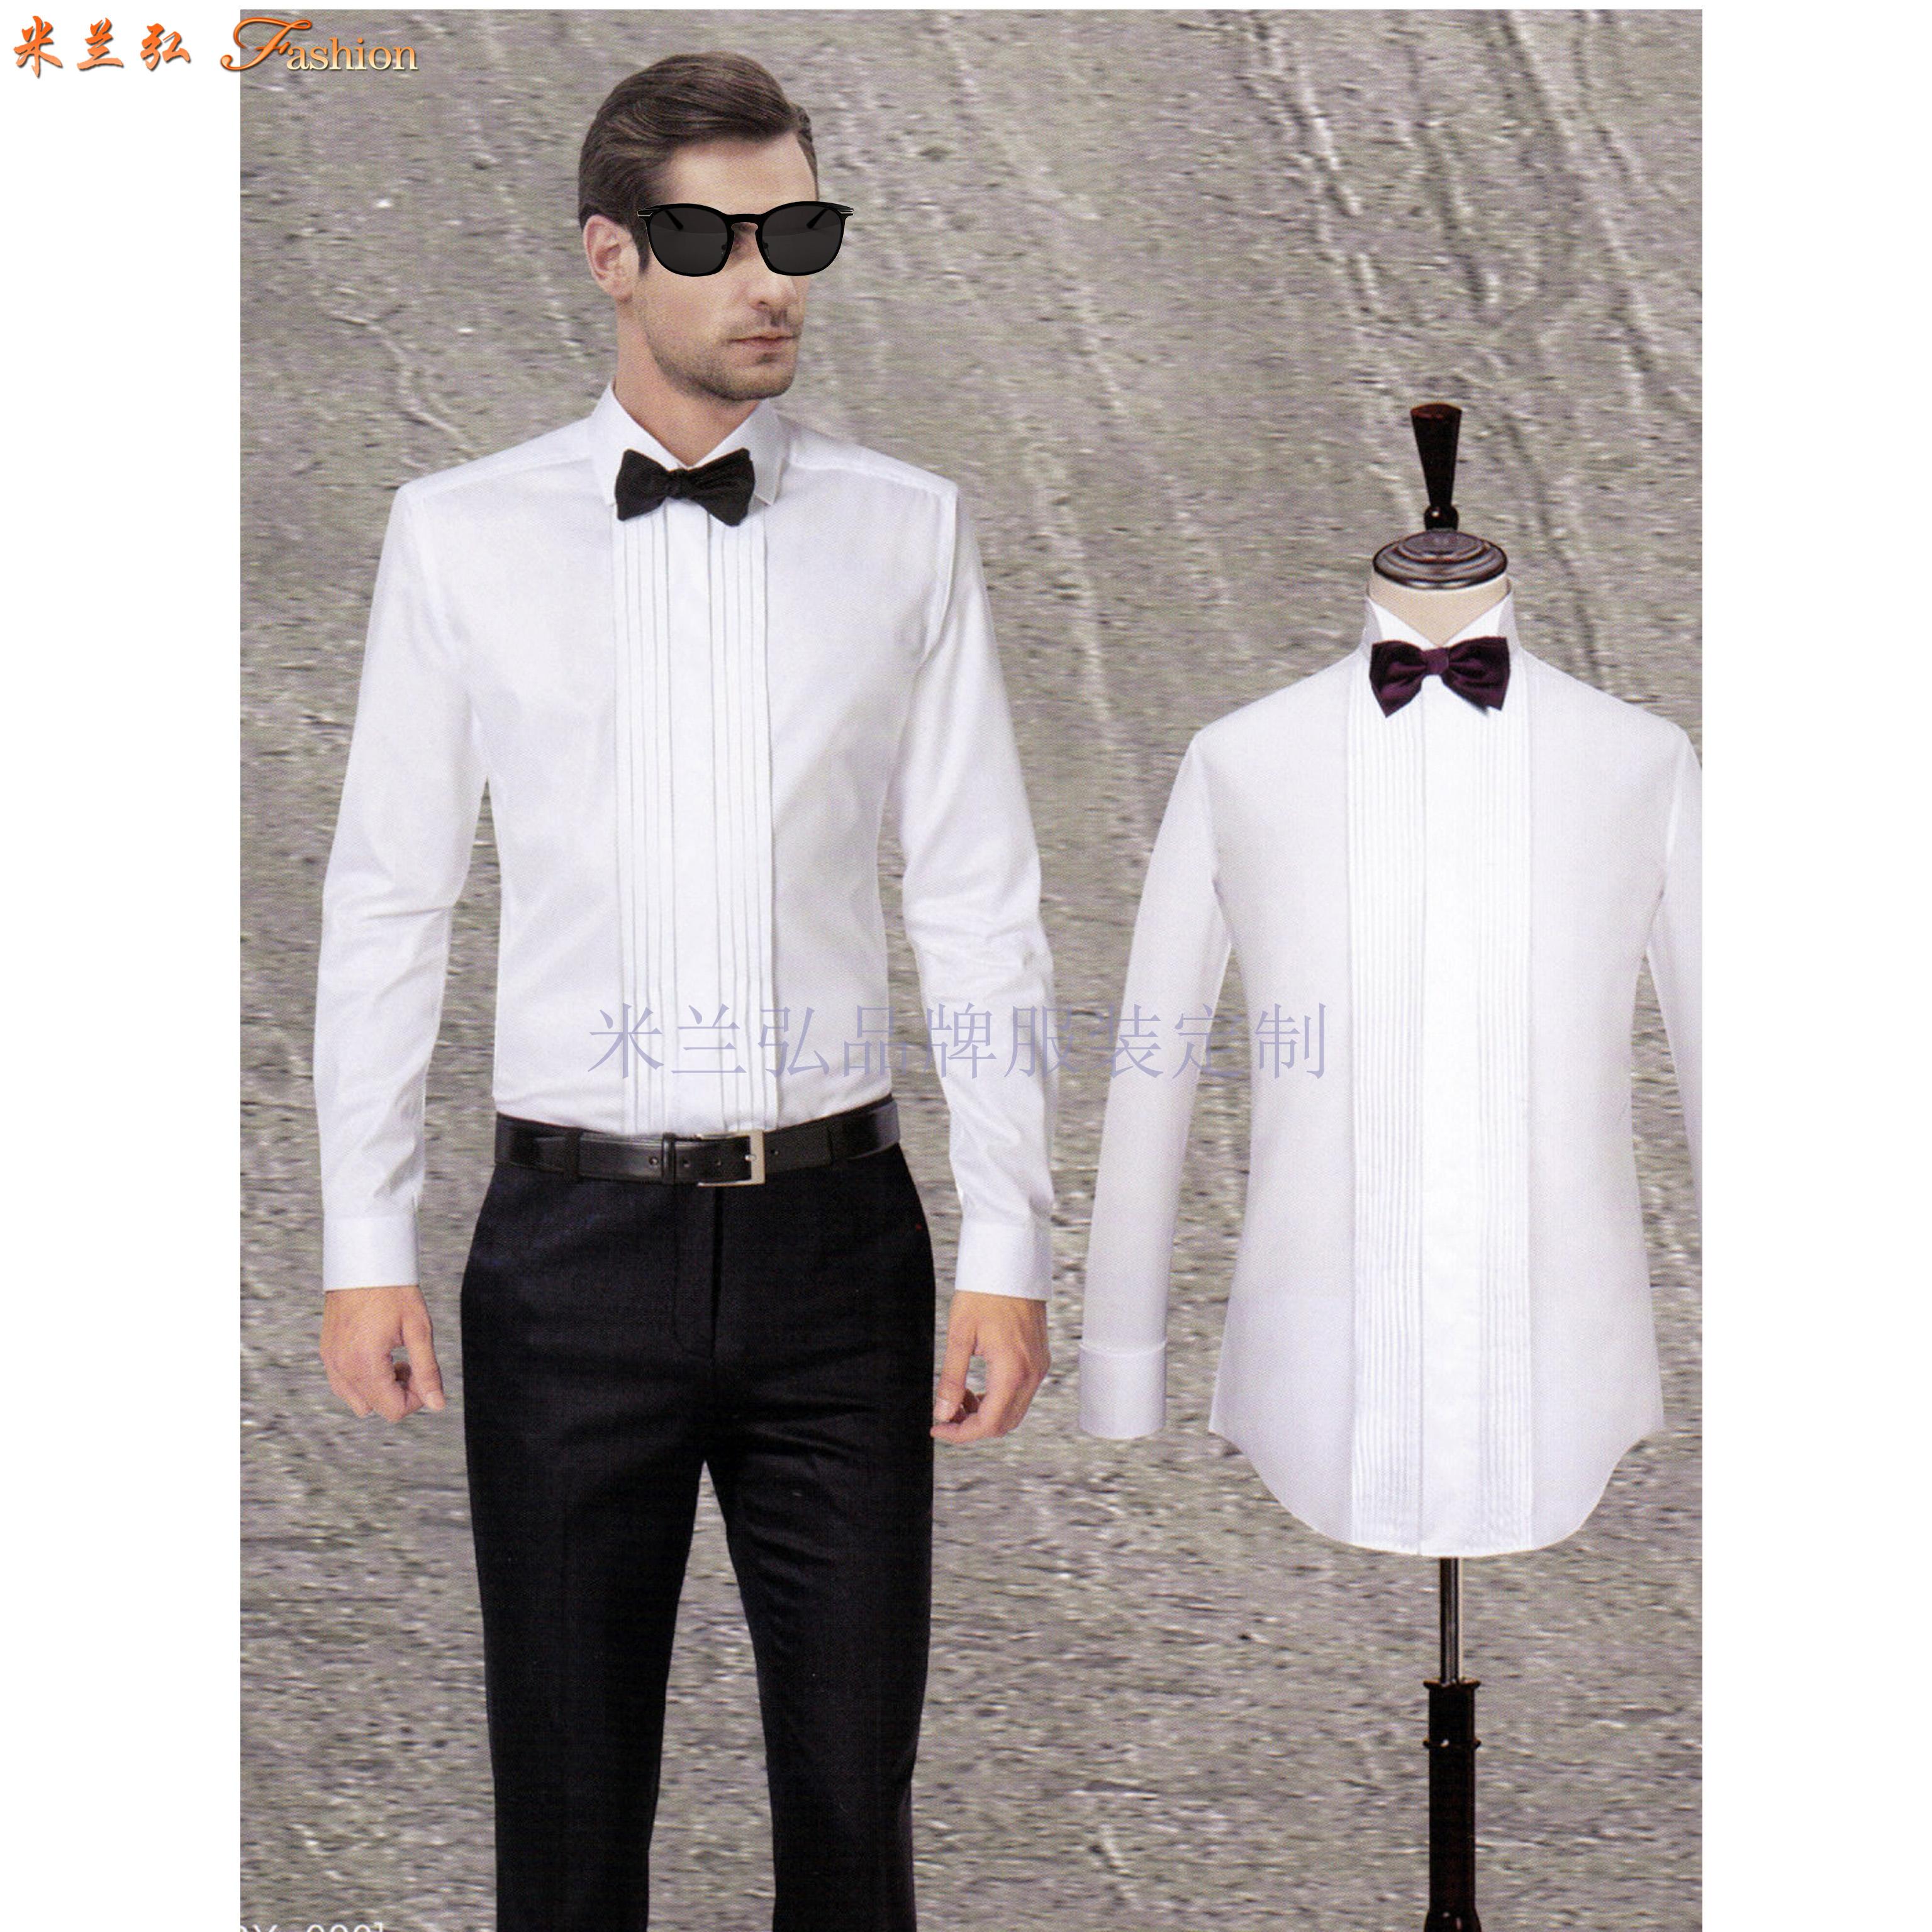 「法式衬衫」定制企业高管纯棉免烫法式衬衫、白色防静电衬衫-3